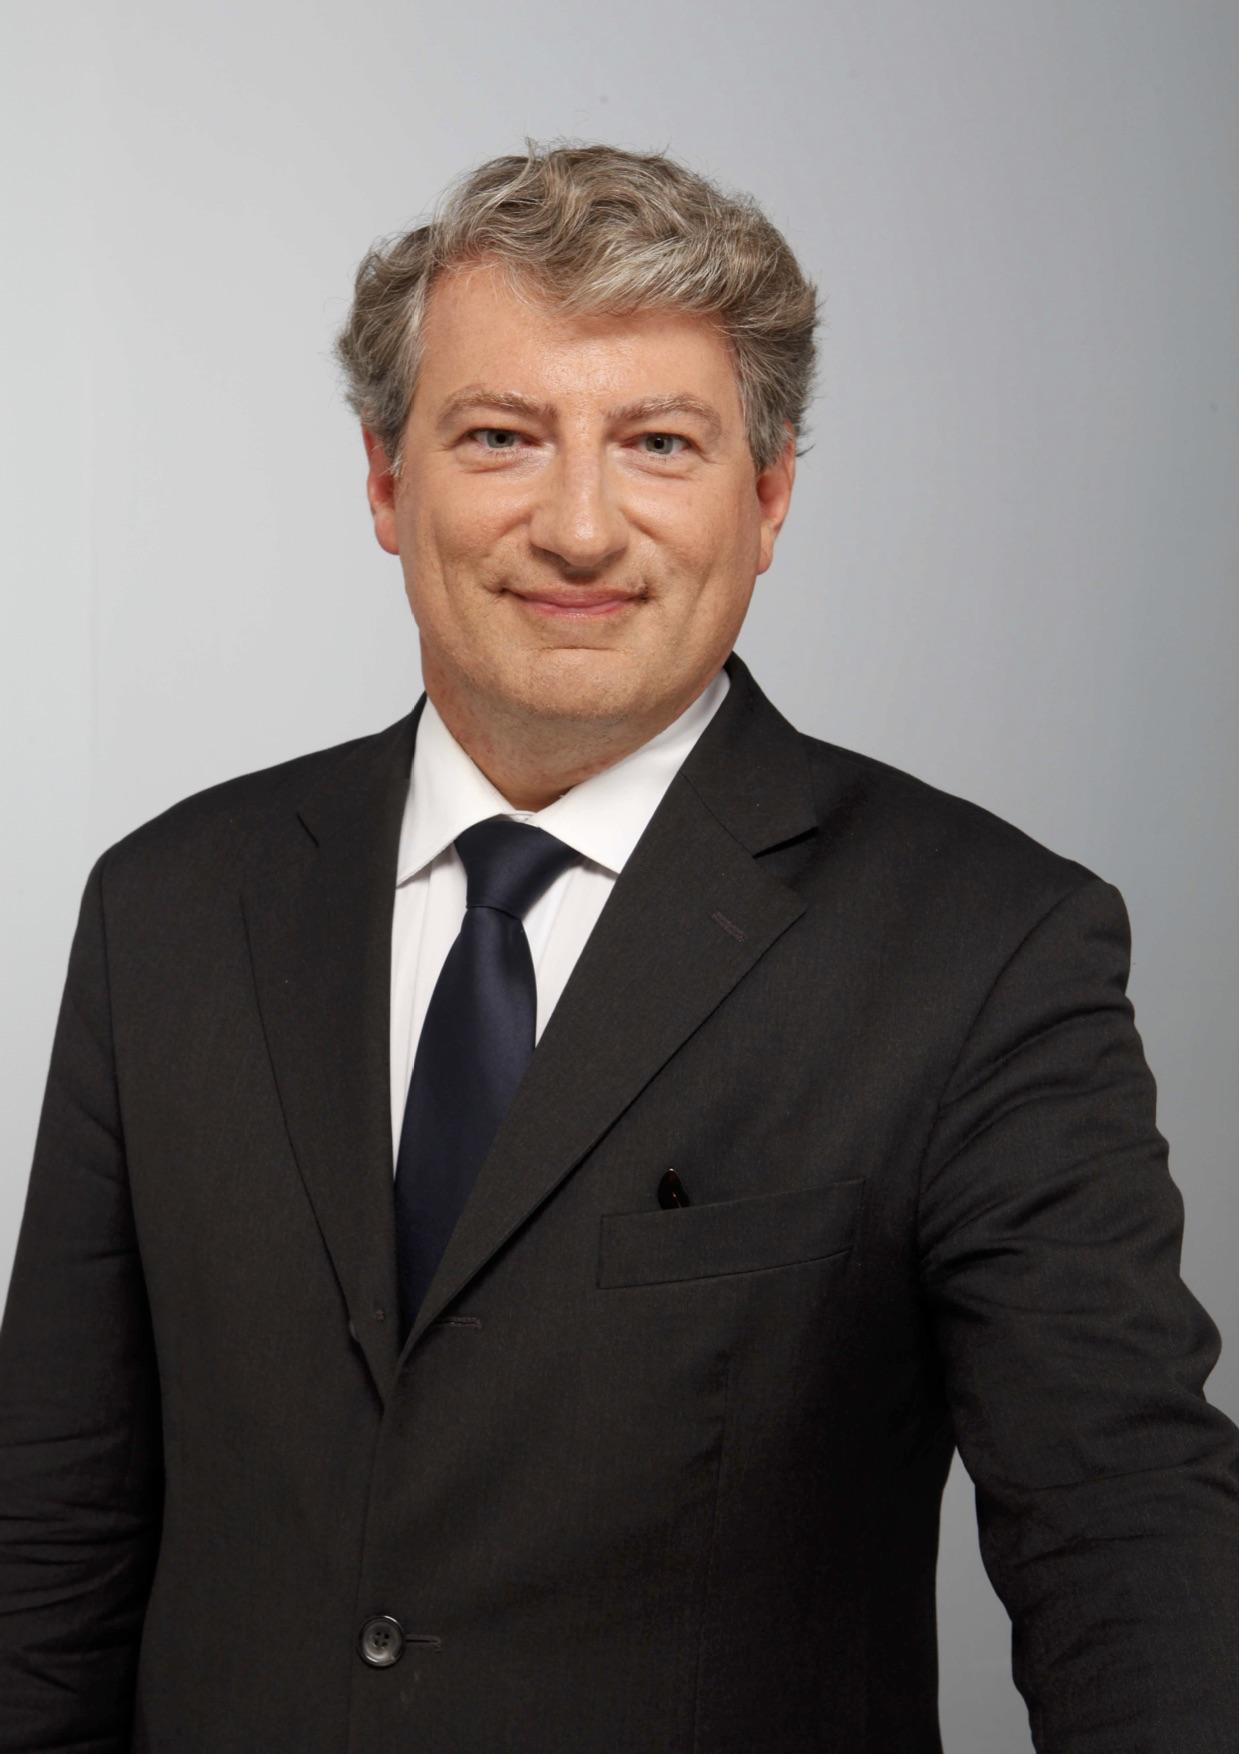 Éric Anceau, maître de conférences HDR à la Sorbonne, essayiste, grand prix de la Fondation Napoléon en 2000. @eric_anceau